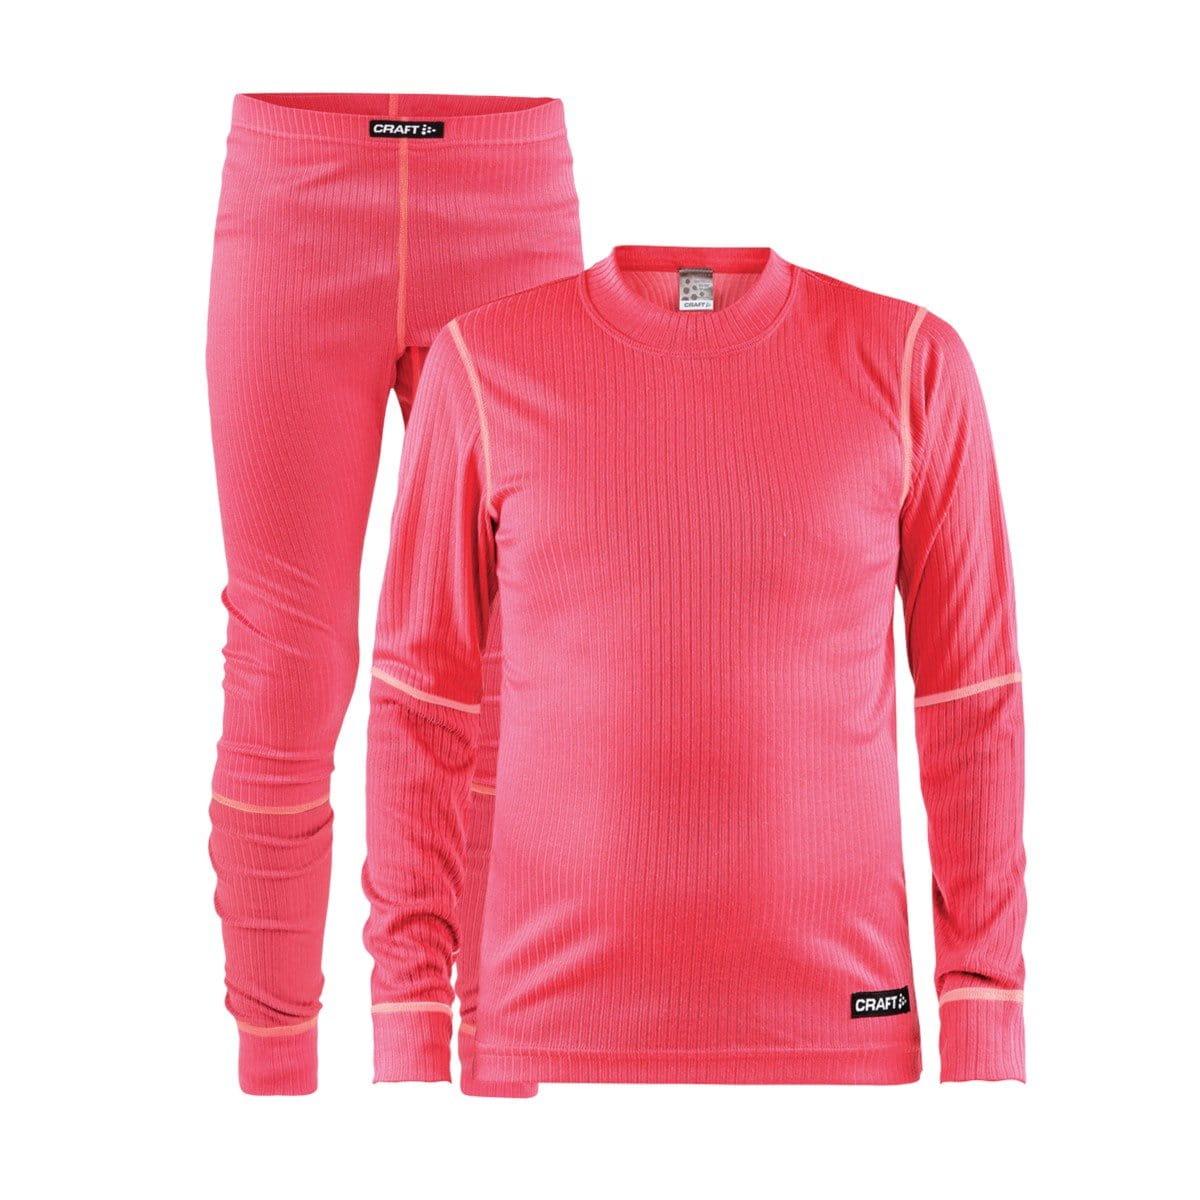 Spodní prádlo Craft Set Baselayer Junior růžová